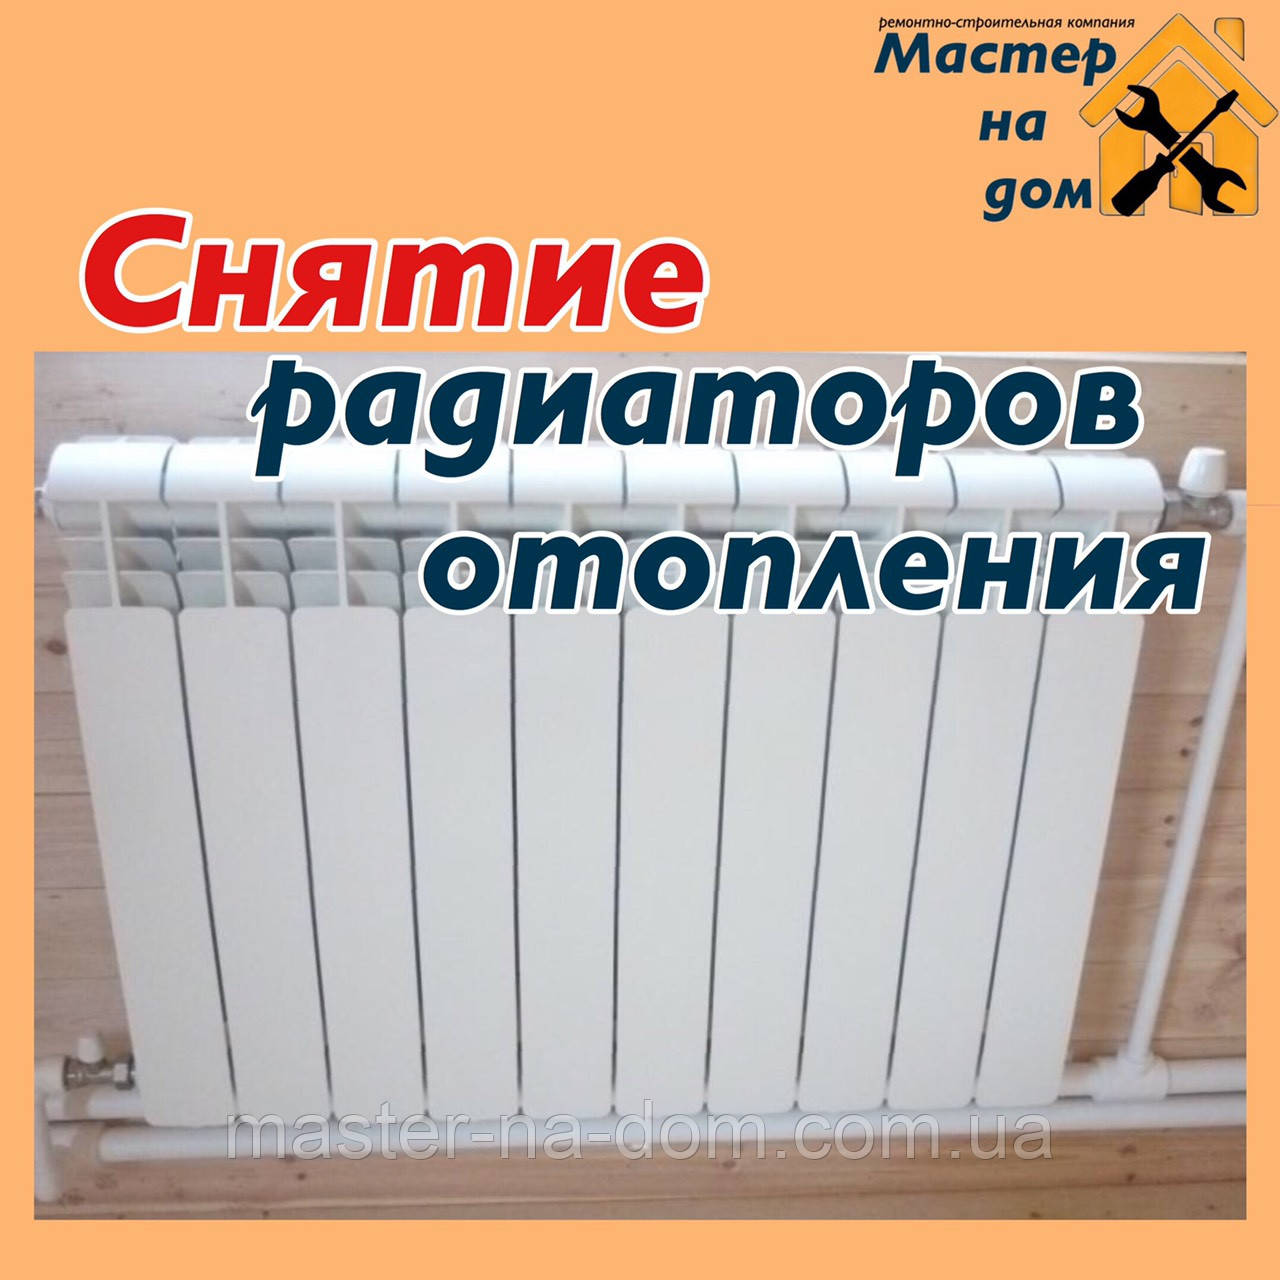 Демонтаж радіаторів опалення в Ужгороді